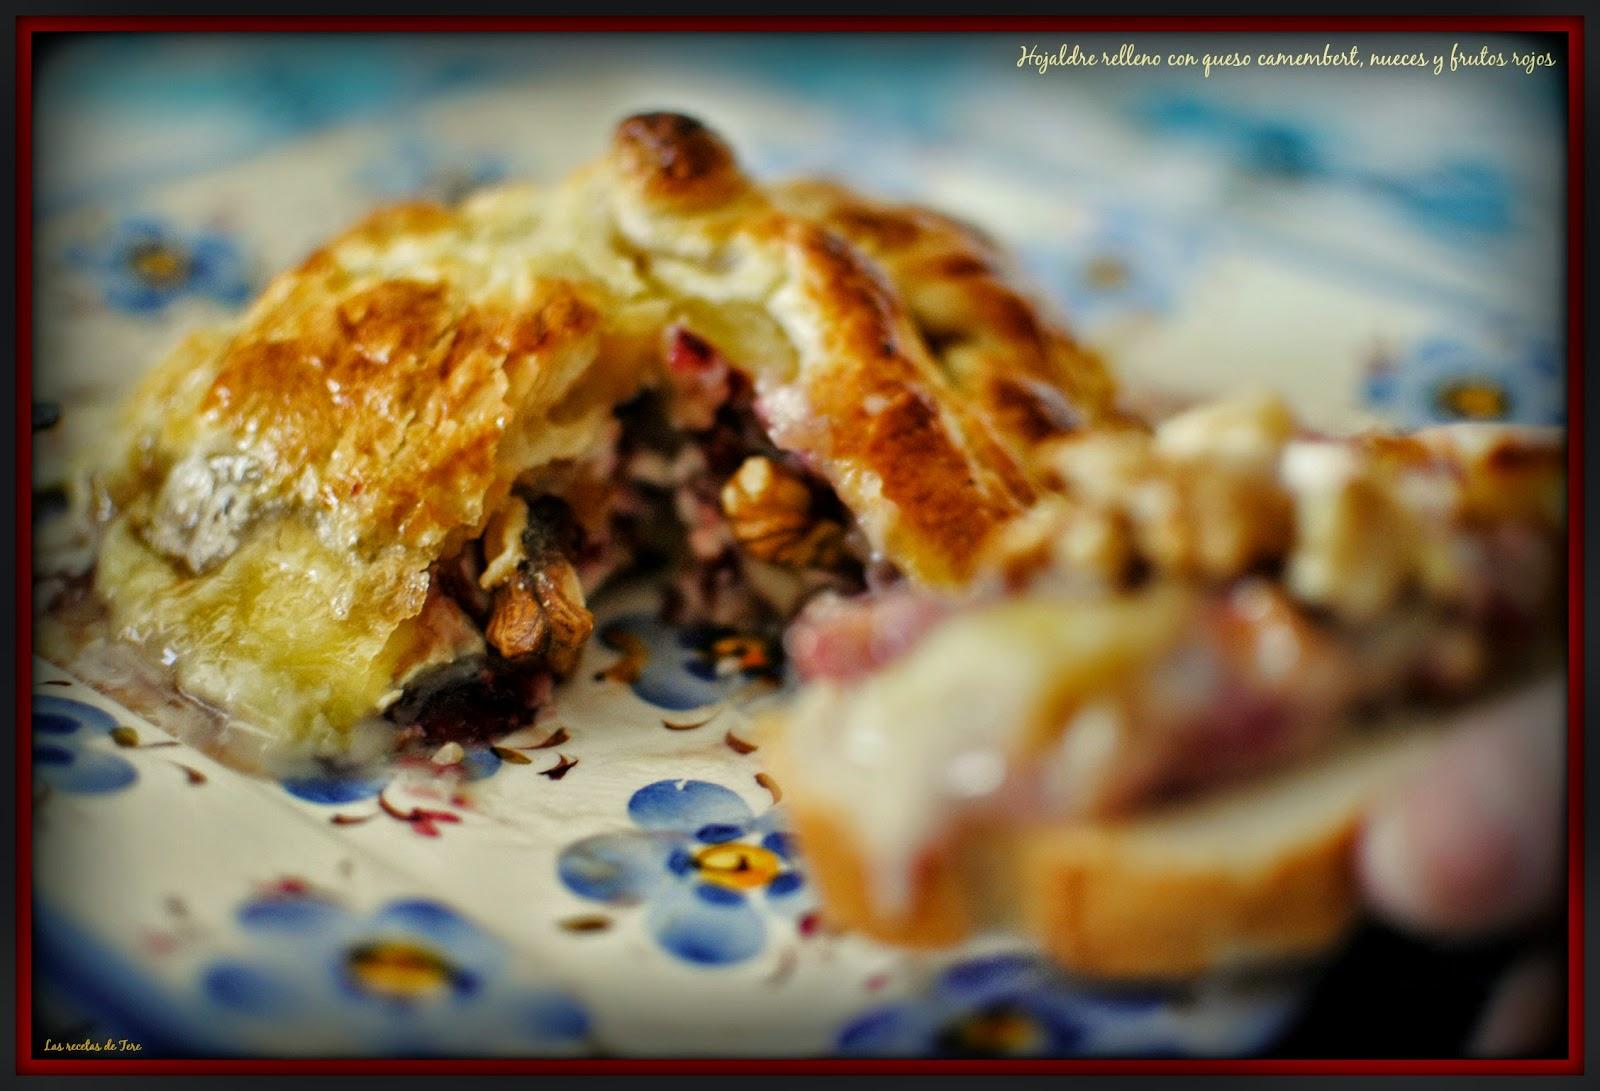 Hojaldre relleno con queso camembert  nueces y frutos rojos  tererecetas 04